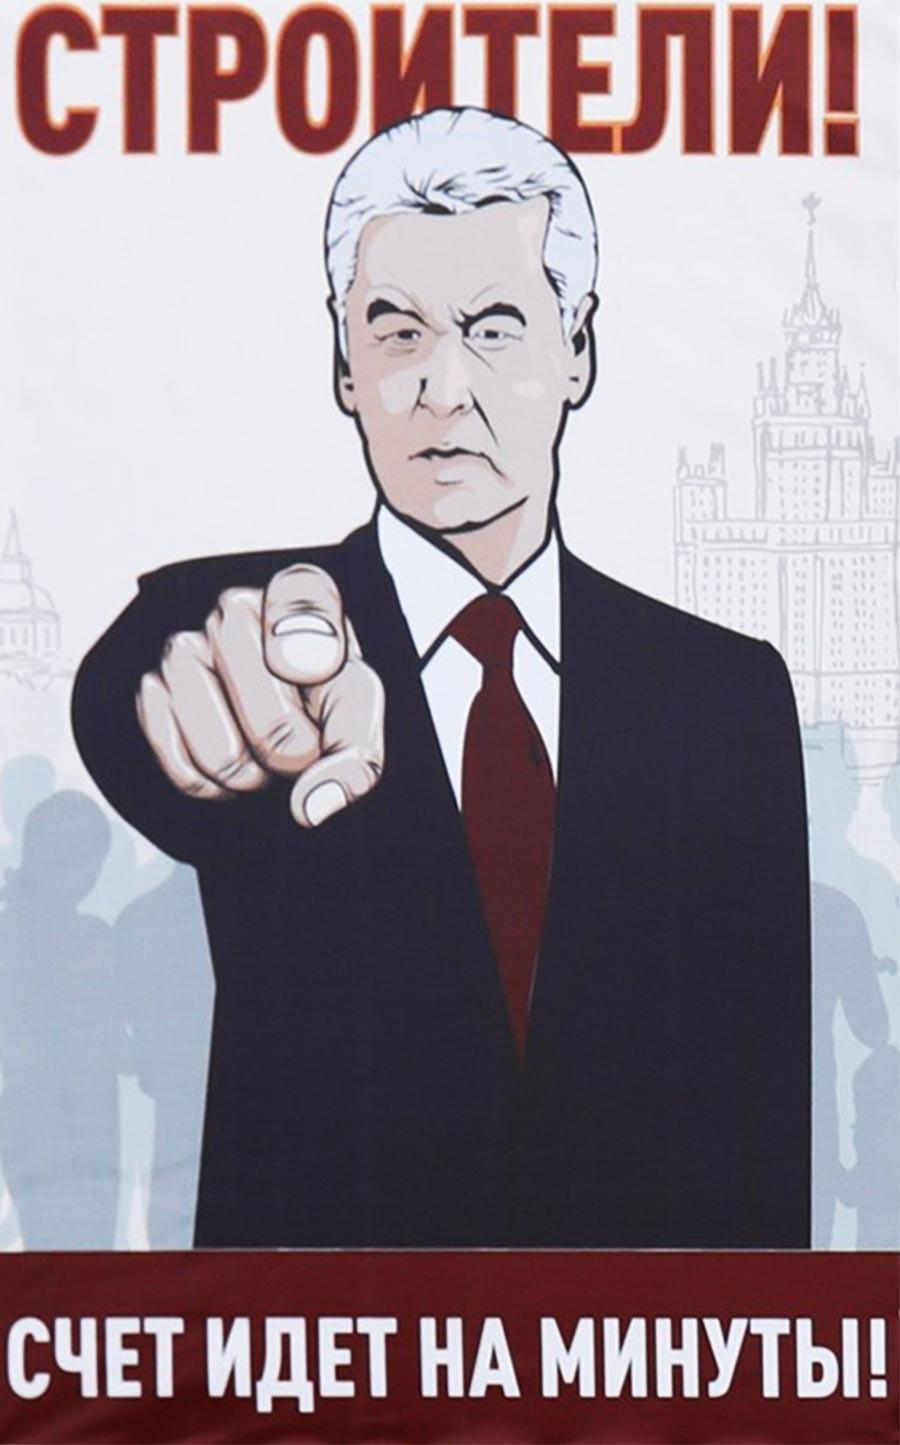 Covid19, Mosca: poster in stile sovietico sul cantiere del ...